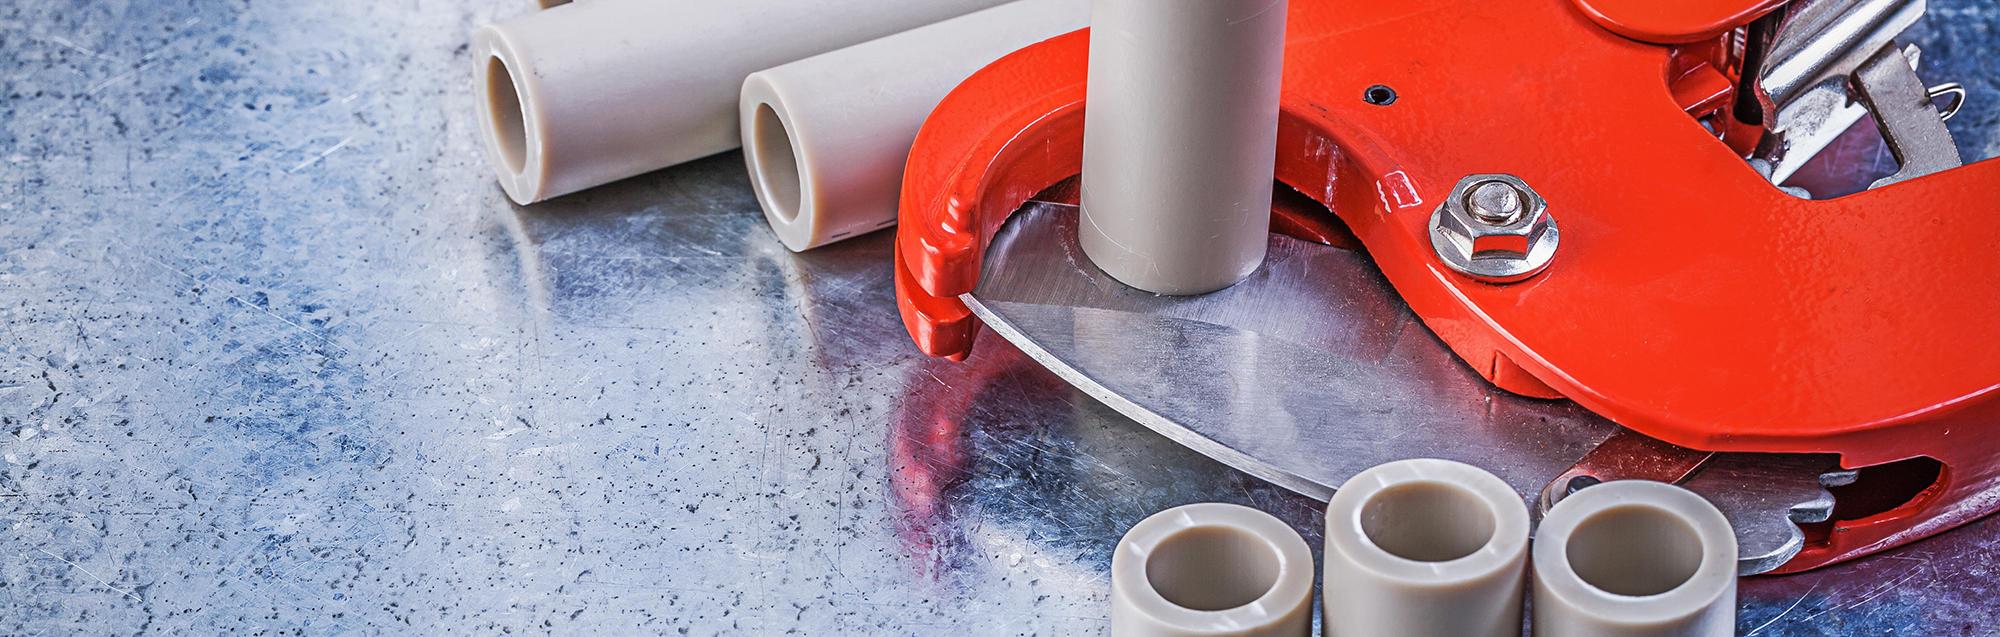 Frable Plumbing image 1